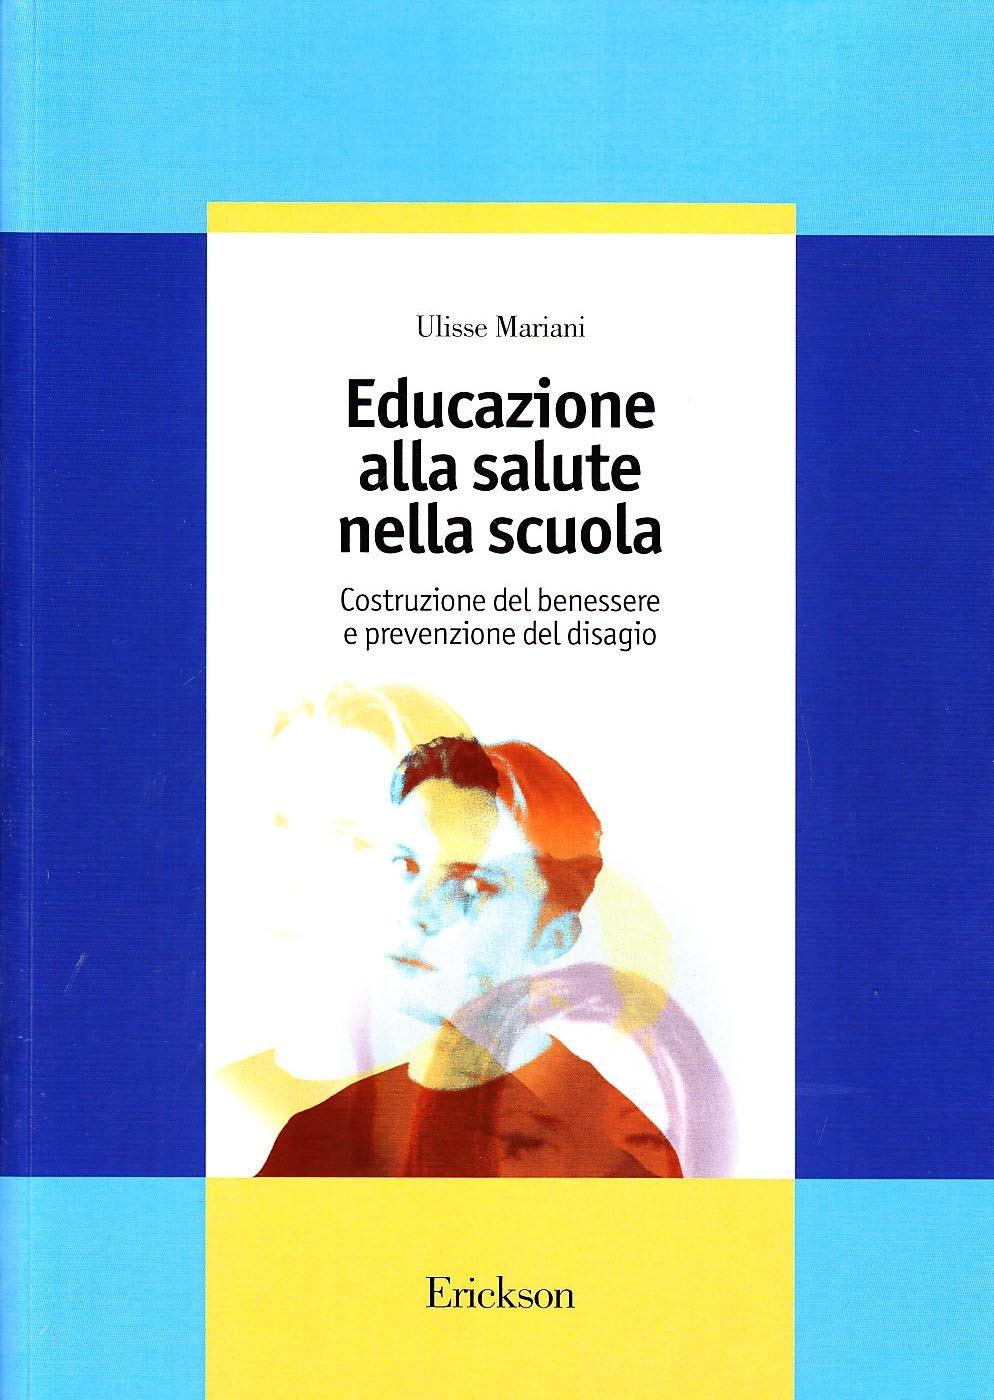 Amazon It Educazione Alla Salute Nella Scuola Costruzione Del Benessere E Prevenzione Del Disagio Mariani Ulisse Libri